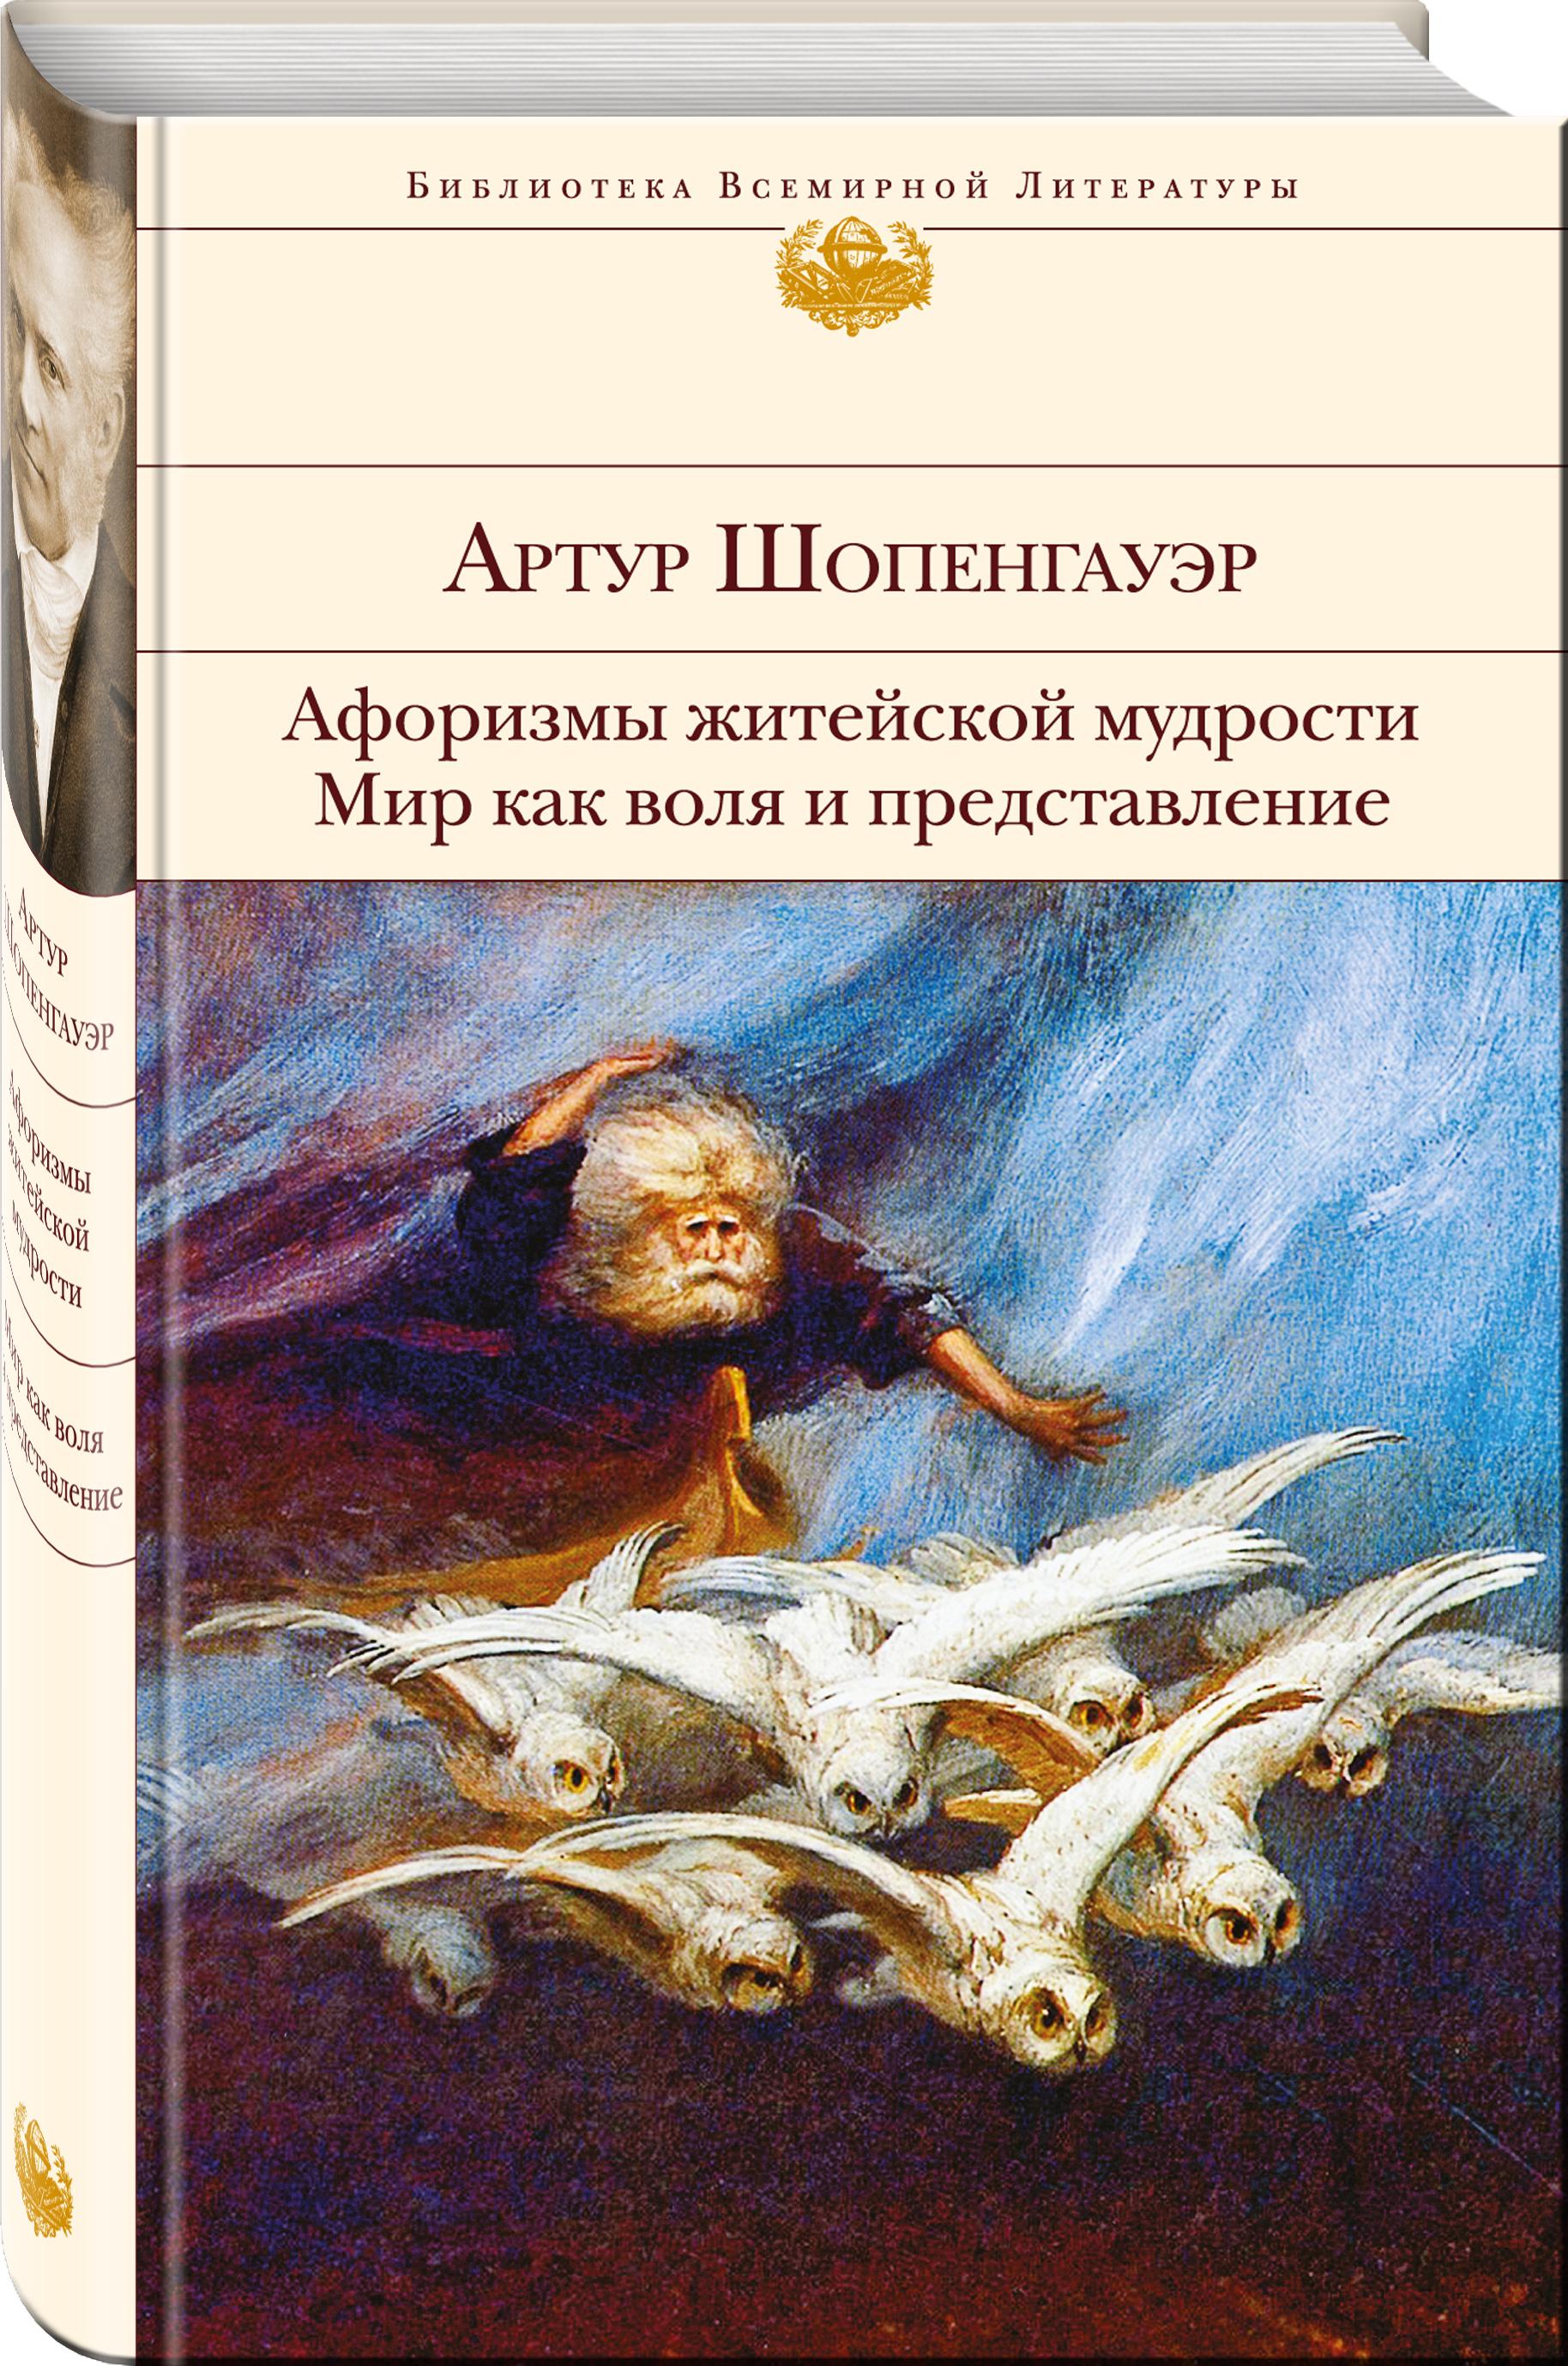 Артур Шопенгауэр Афоризмы житейской мудрости. Мир как воля и представление